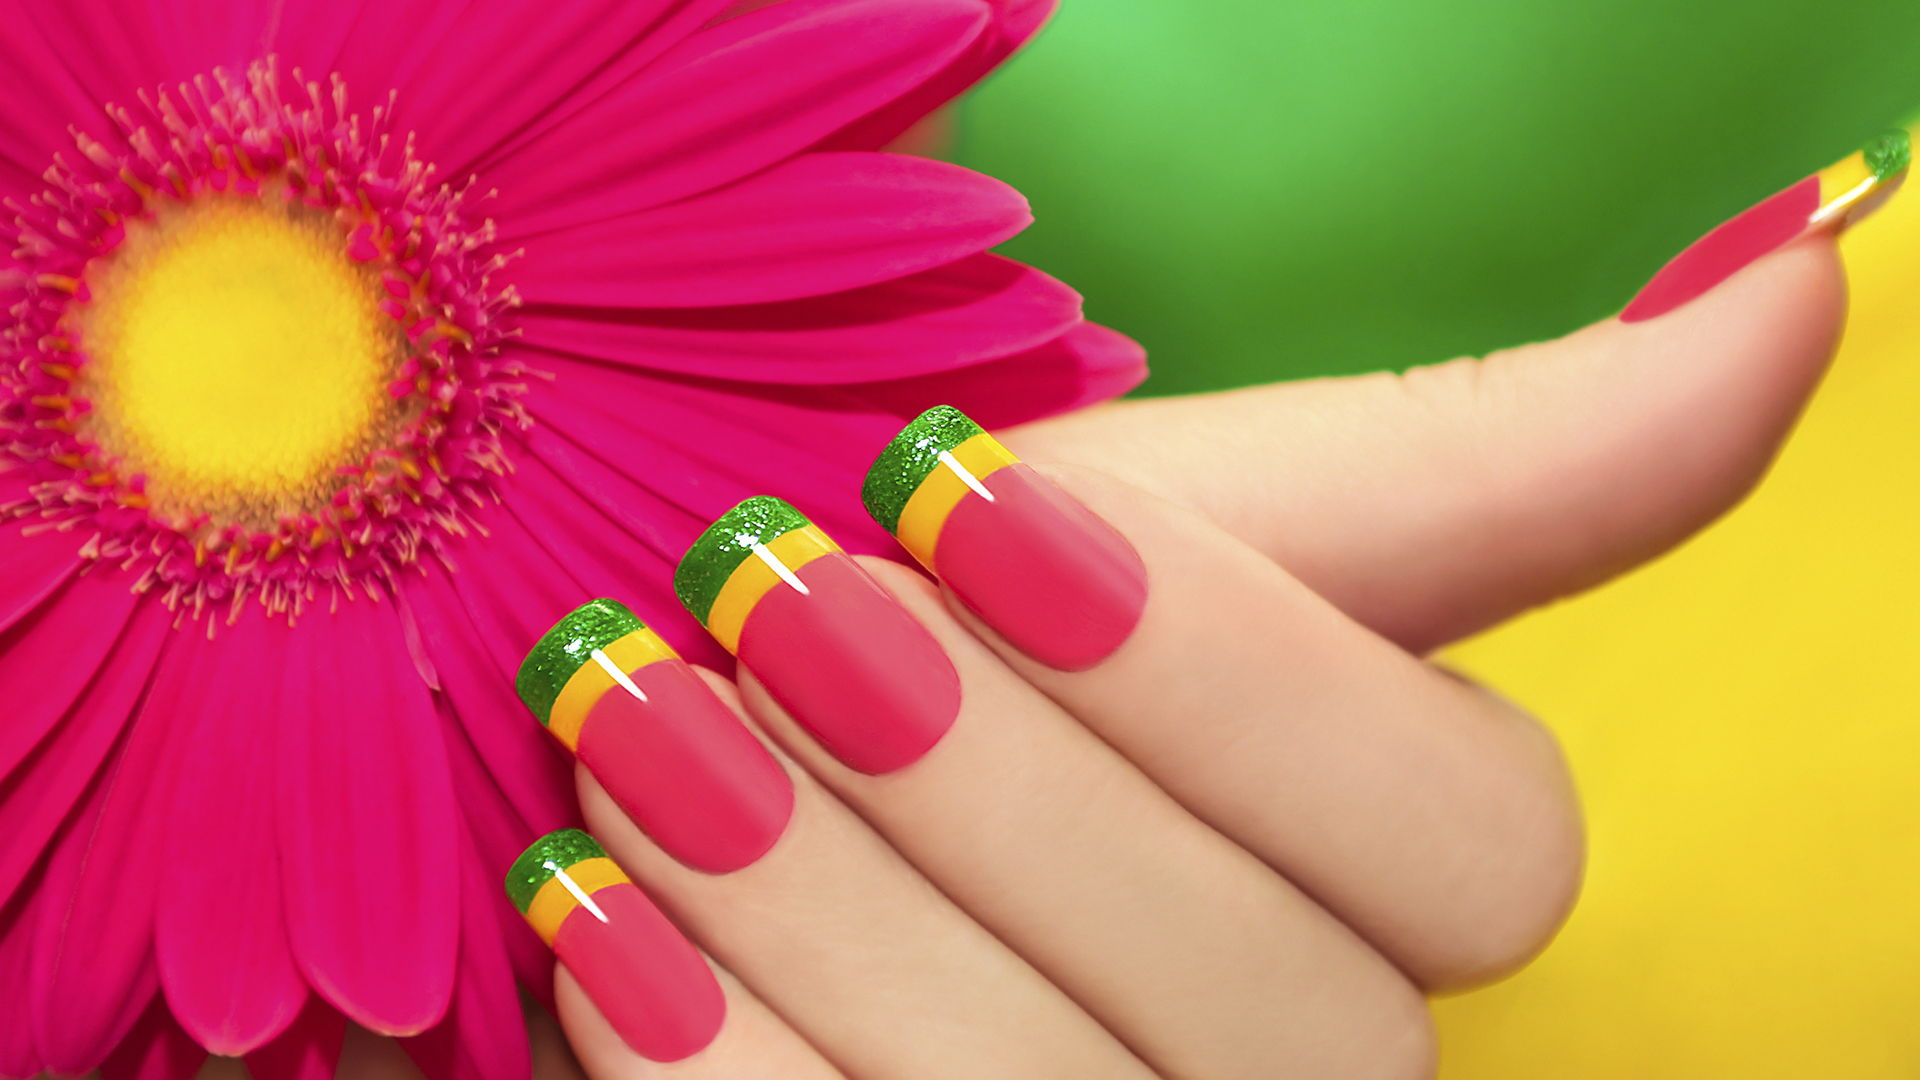 Brightly colored manicure | Sheknows.com